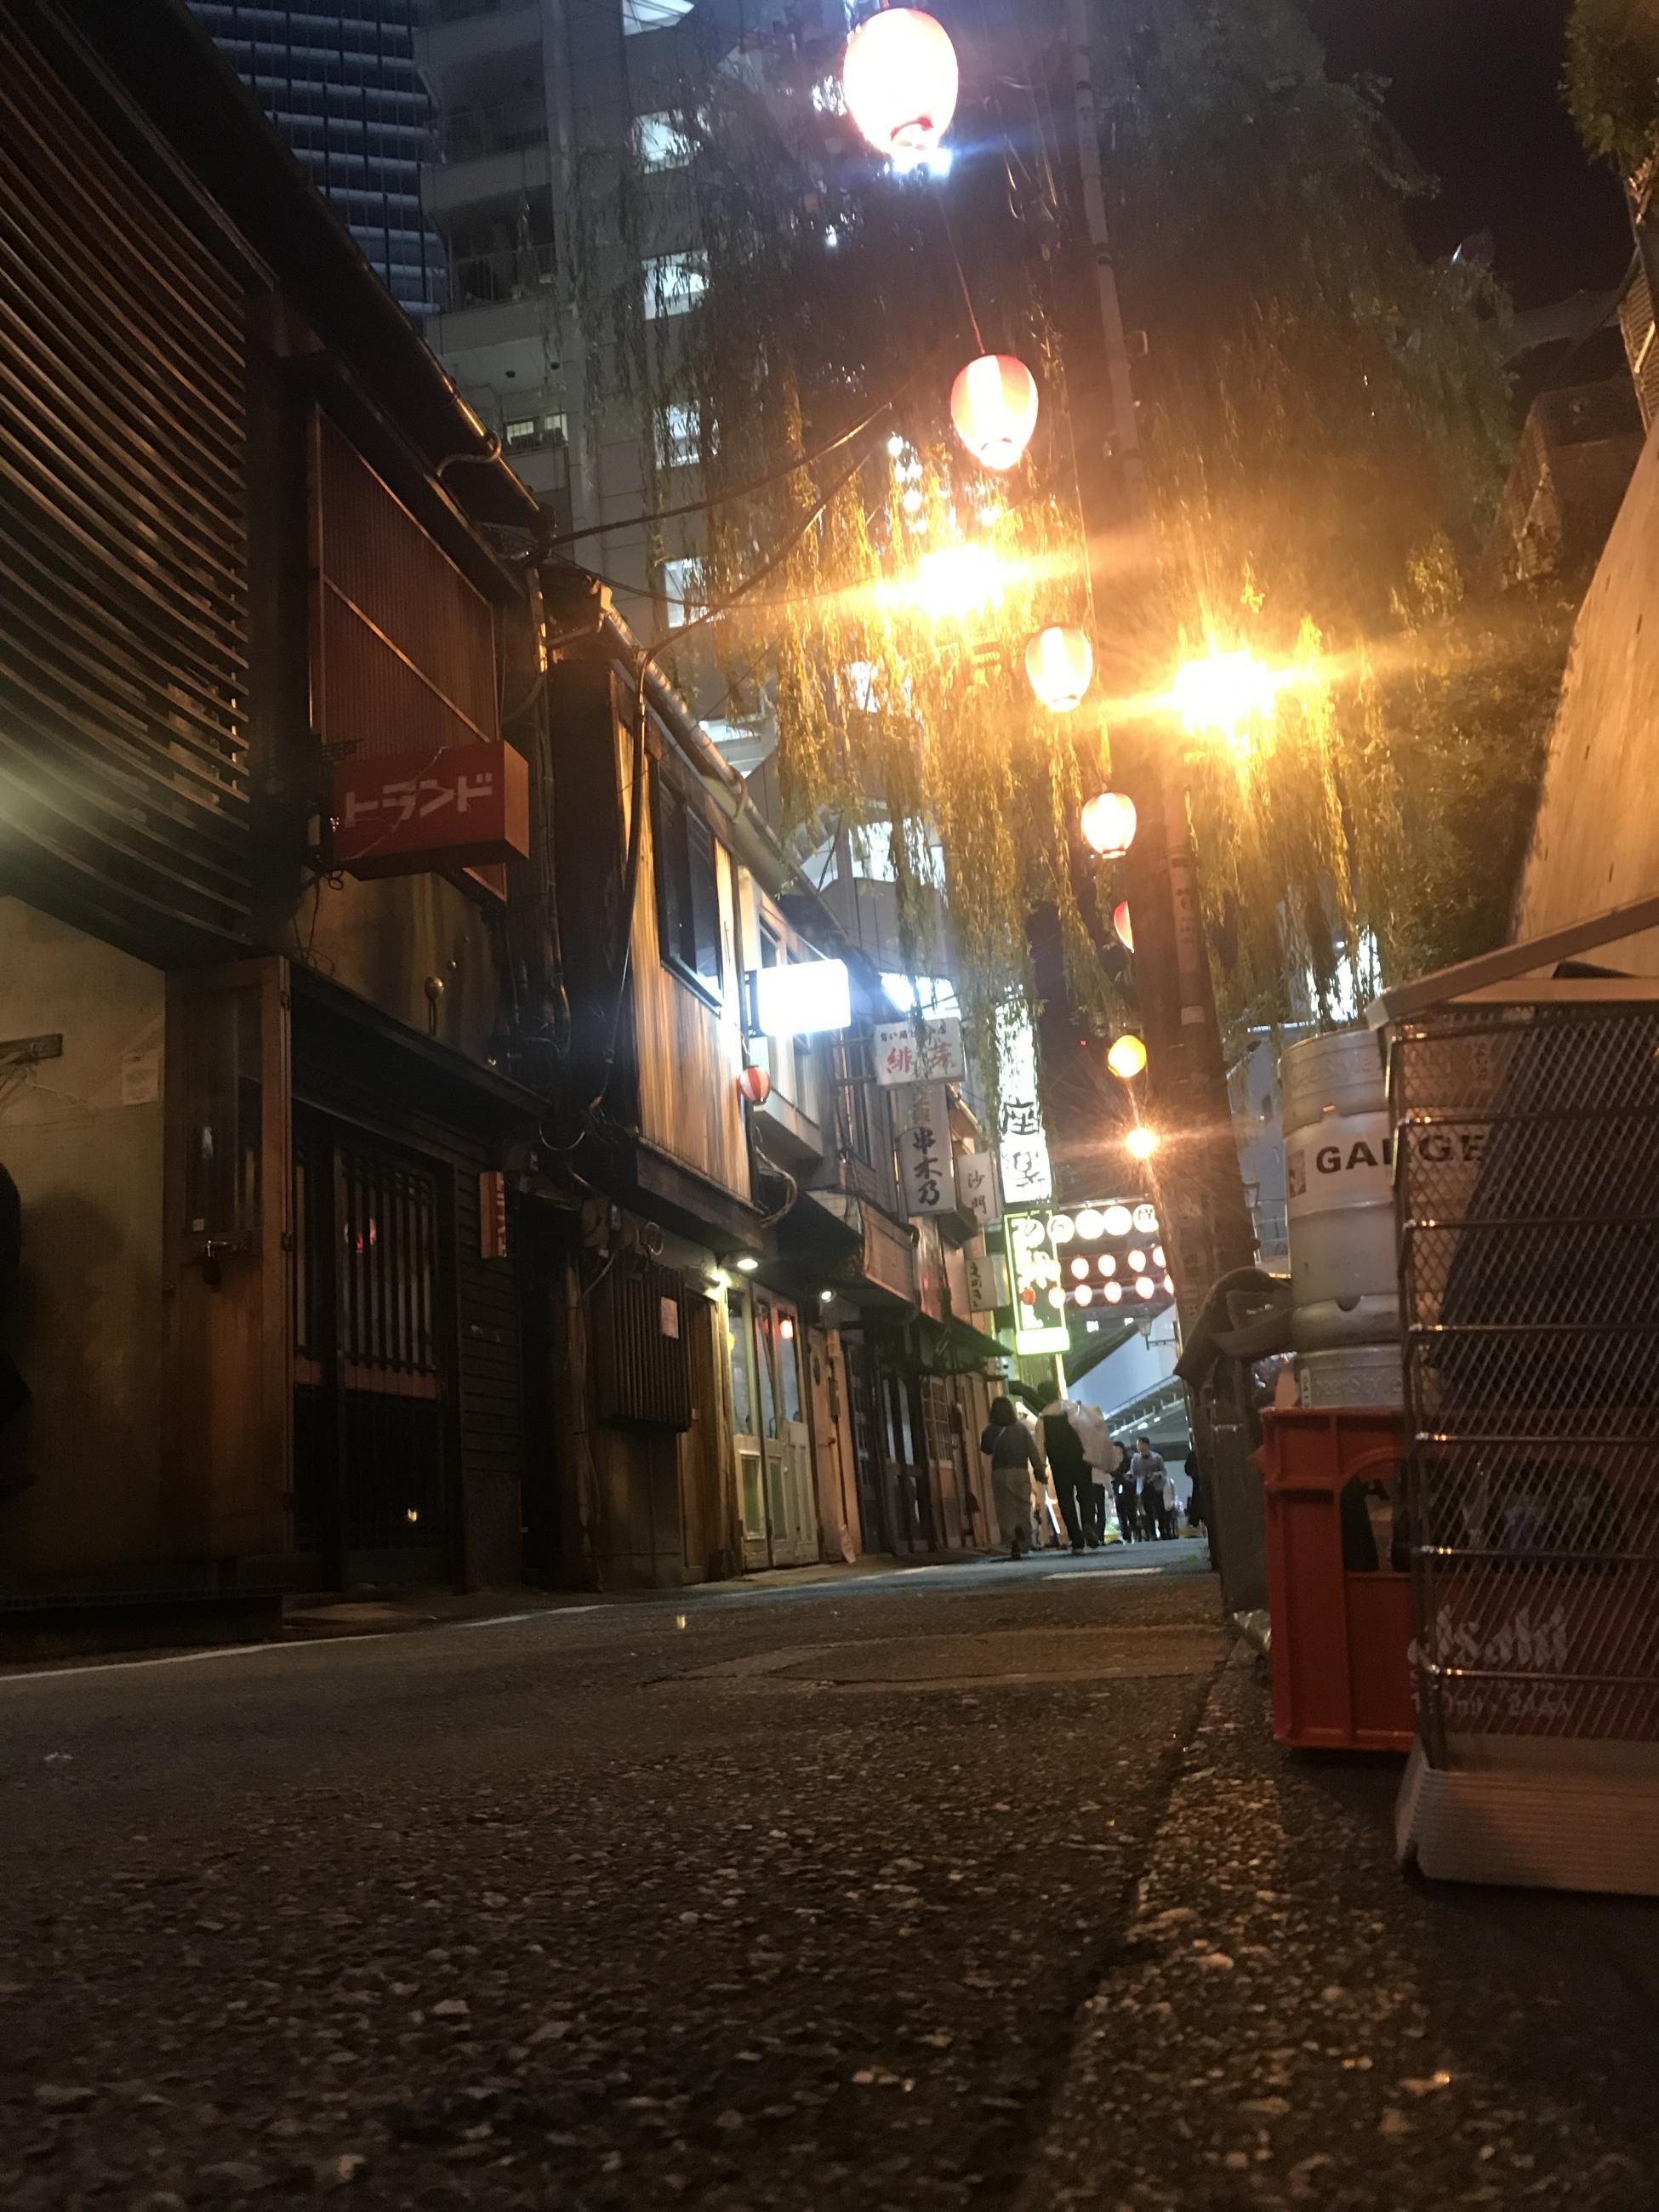 HIROAKI(ヒロアキ) 今日はお散歩日和ですね(^^)